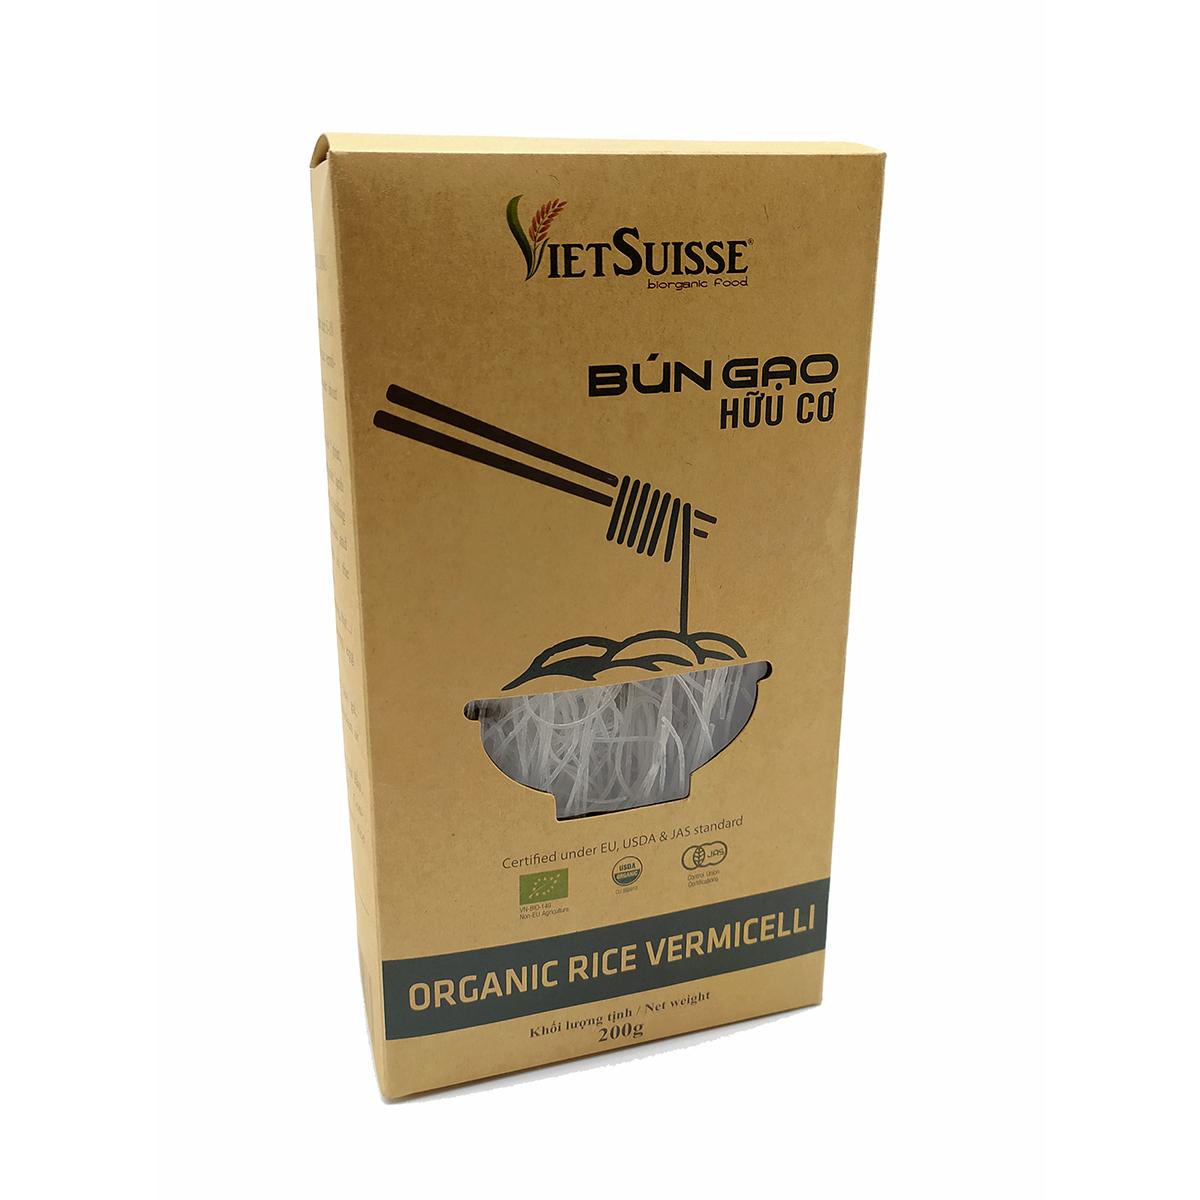 Organic rice vermicelli VietSuisse 200g - Bún gạo hữu cơ VietSuisse 200g - Sản phẩm hữu cơ, nhập khẩu